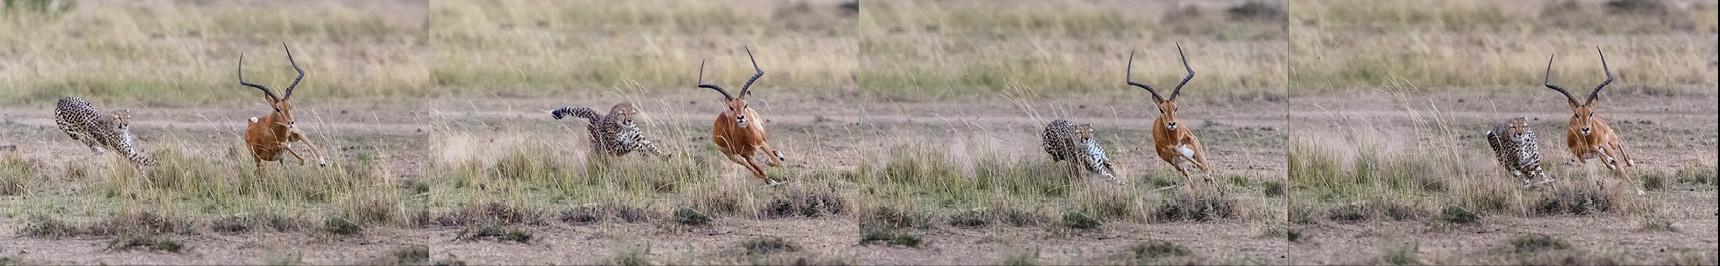 Der Gepard stürmt mit hoher Geschwindigkeit auf das Impala zu